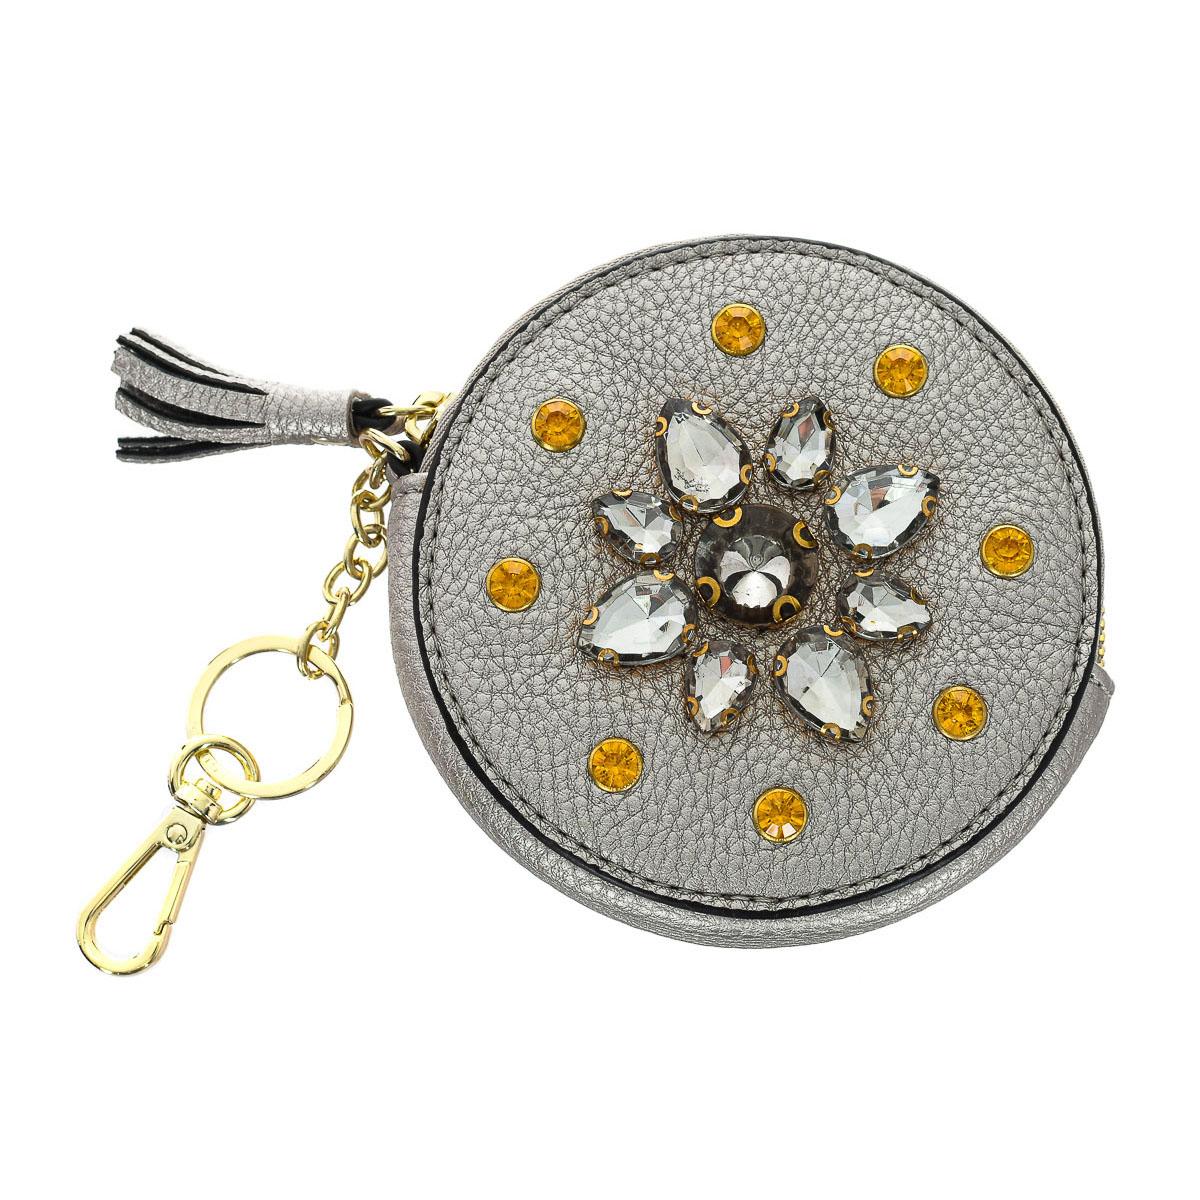 Monedero mujer - gris/dorado